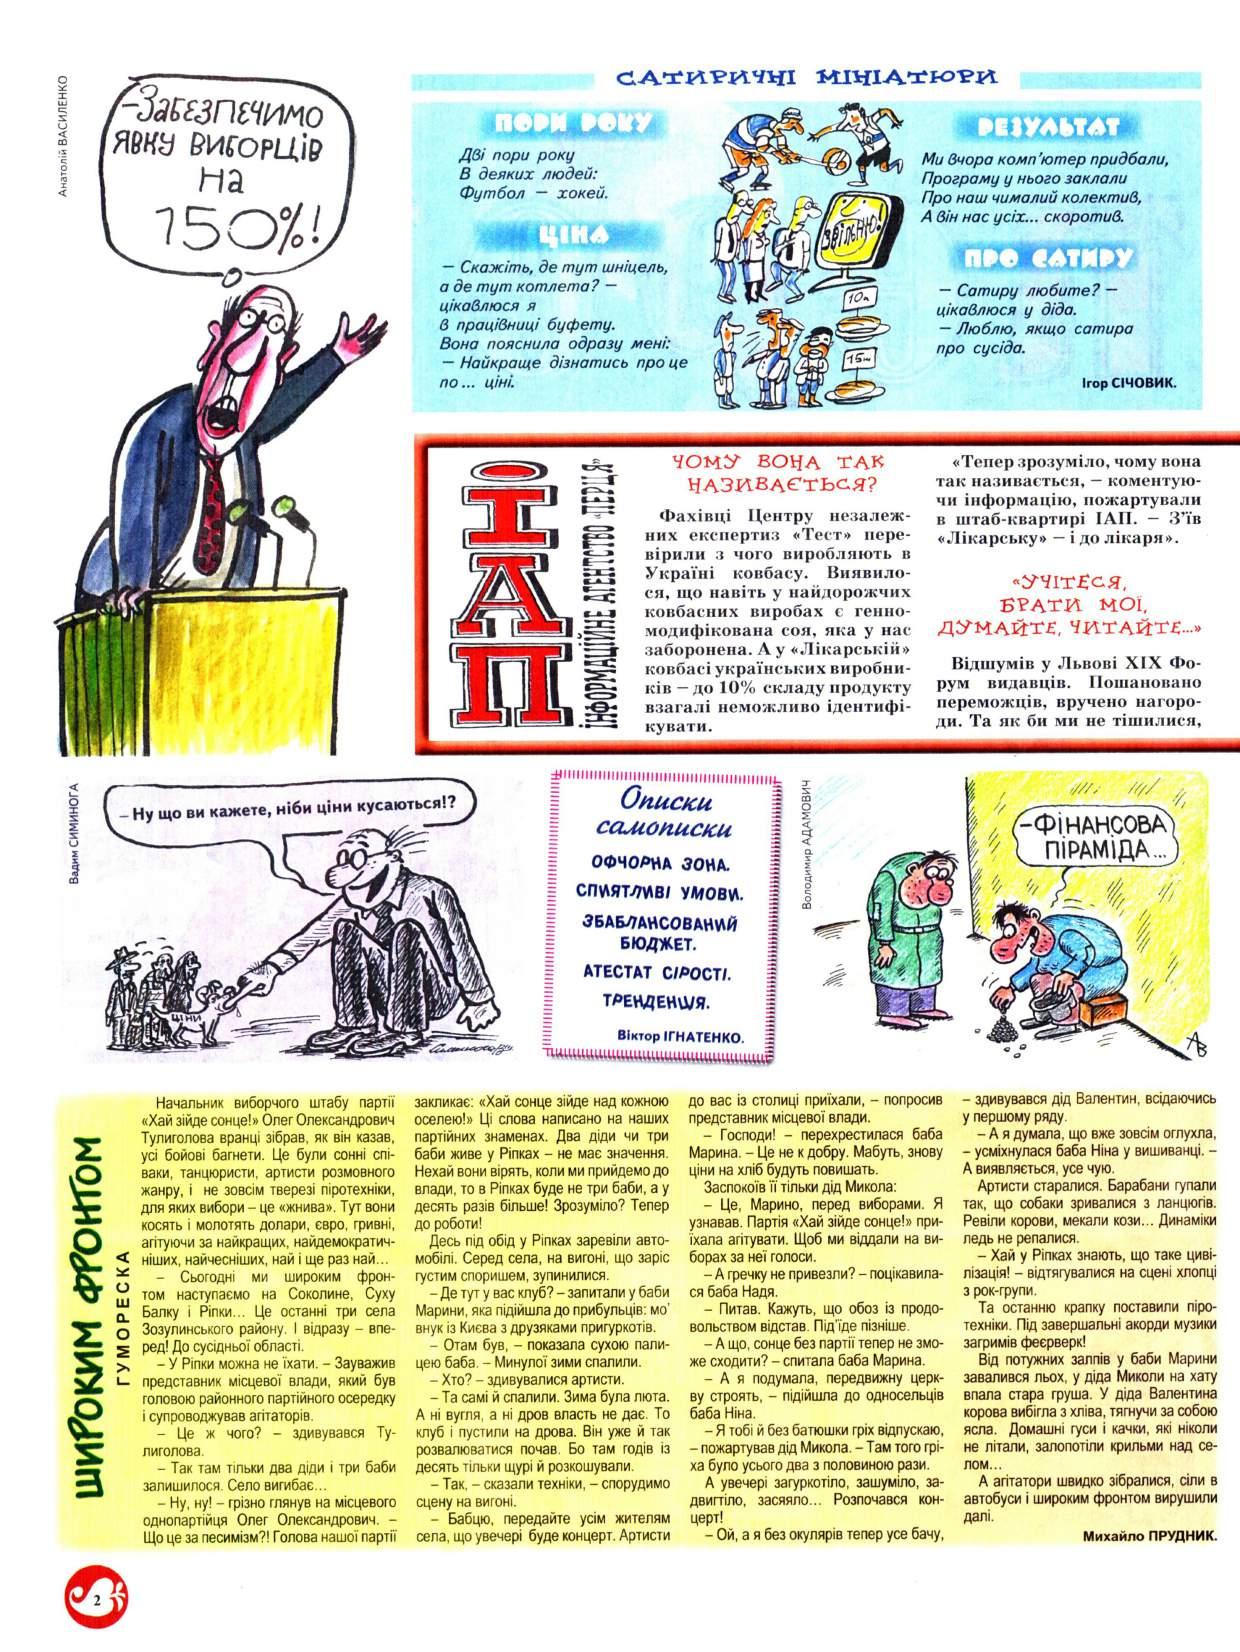 Журнал перець 2012 №09